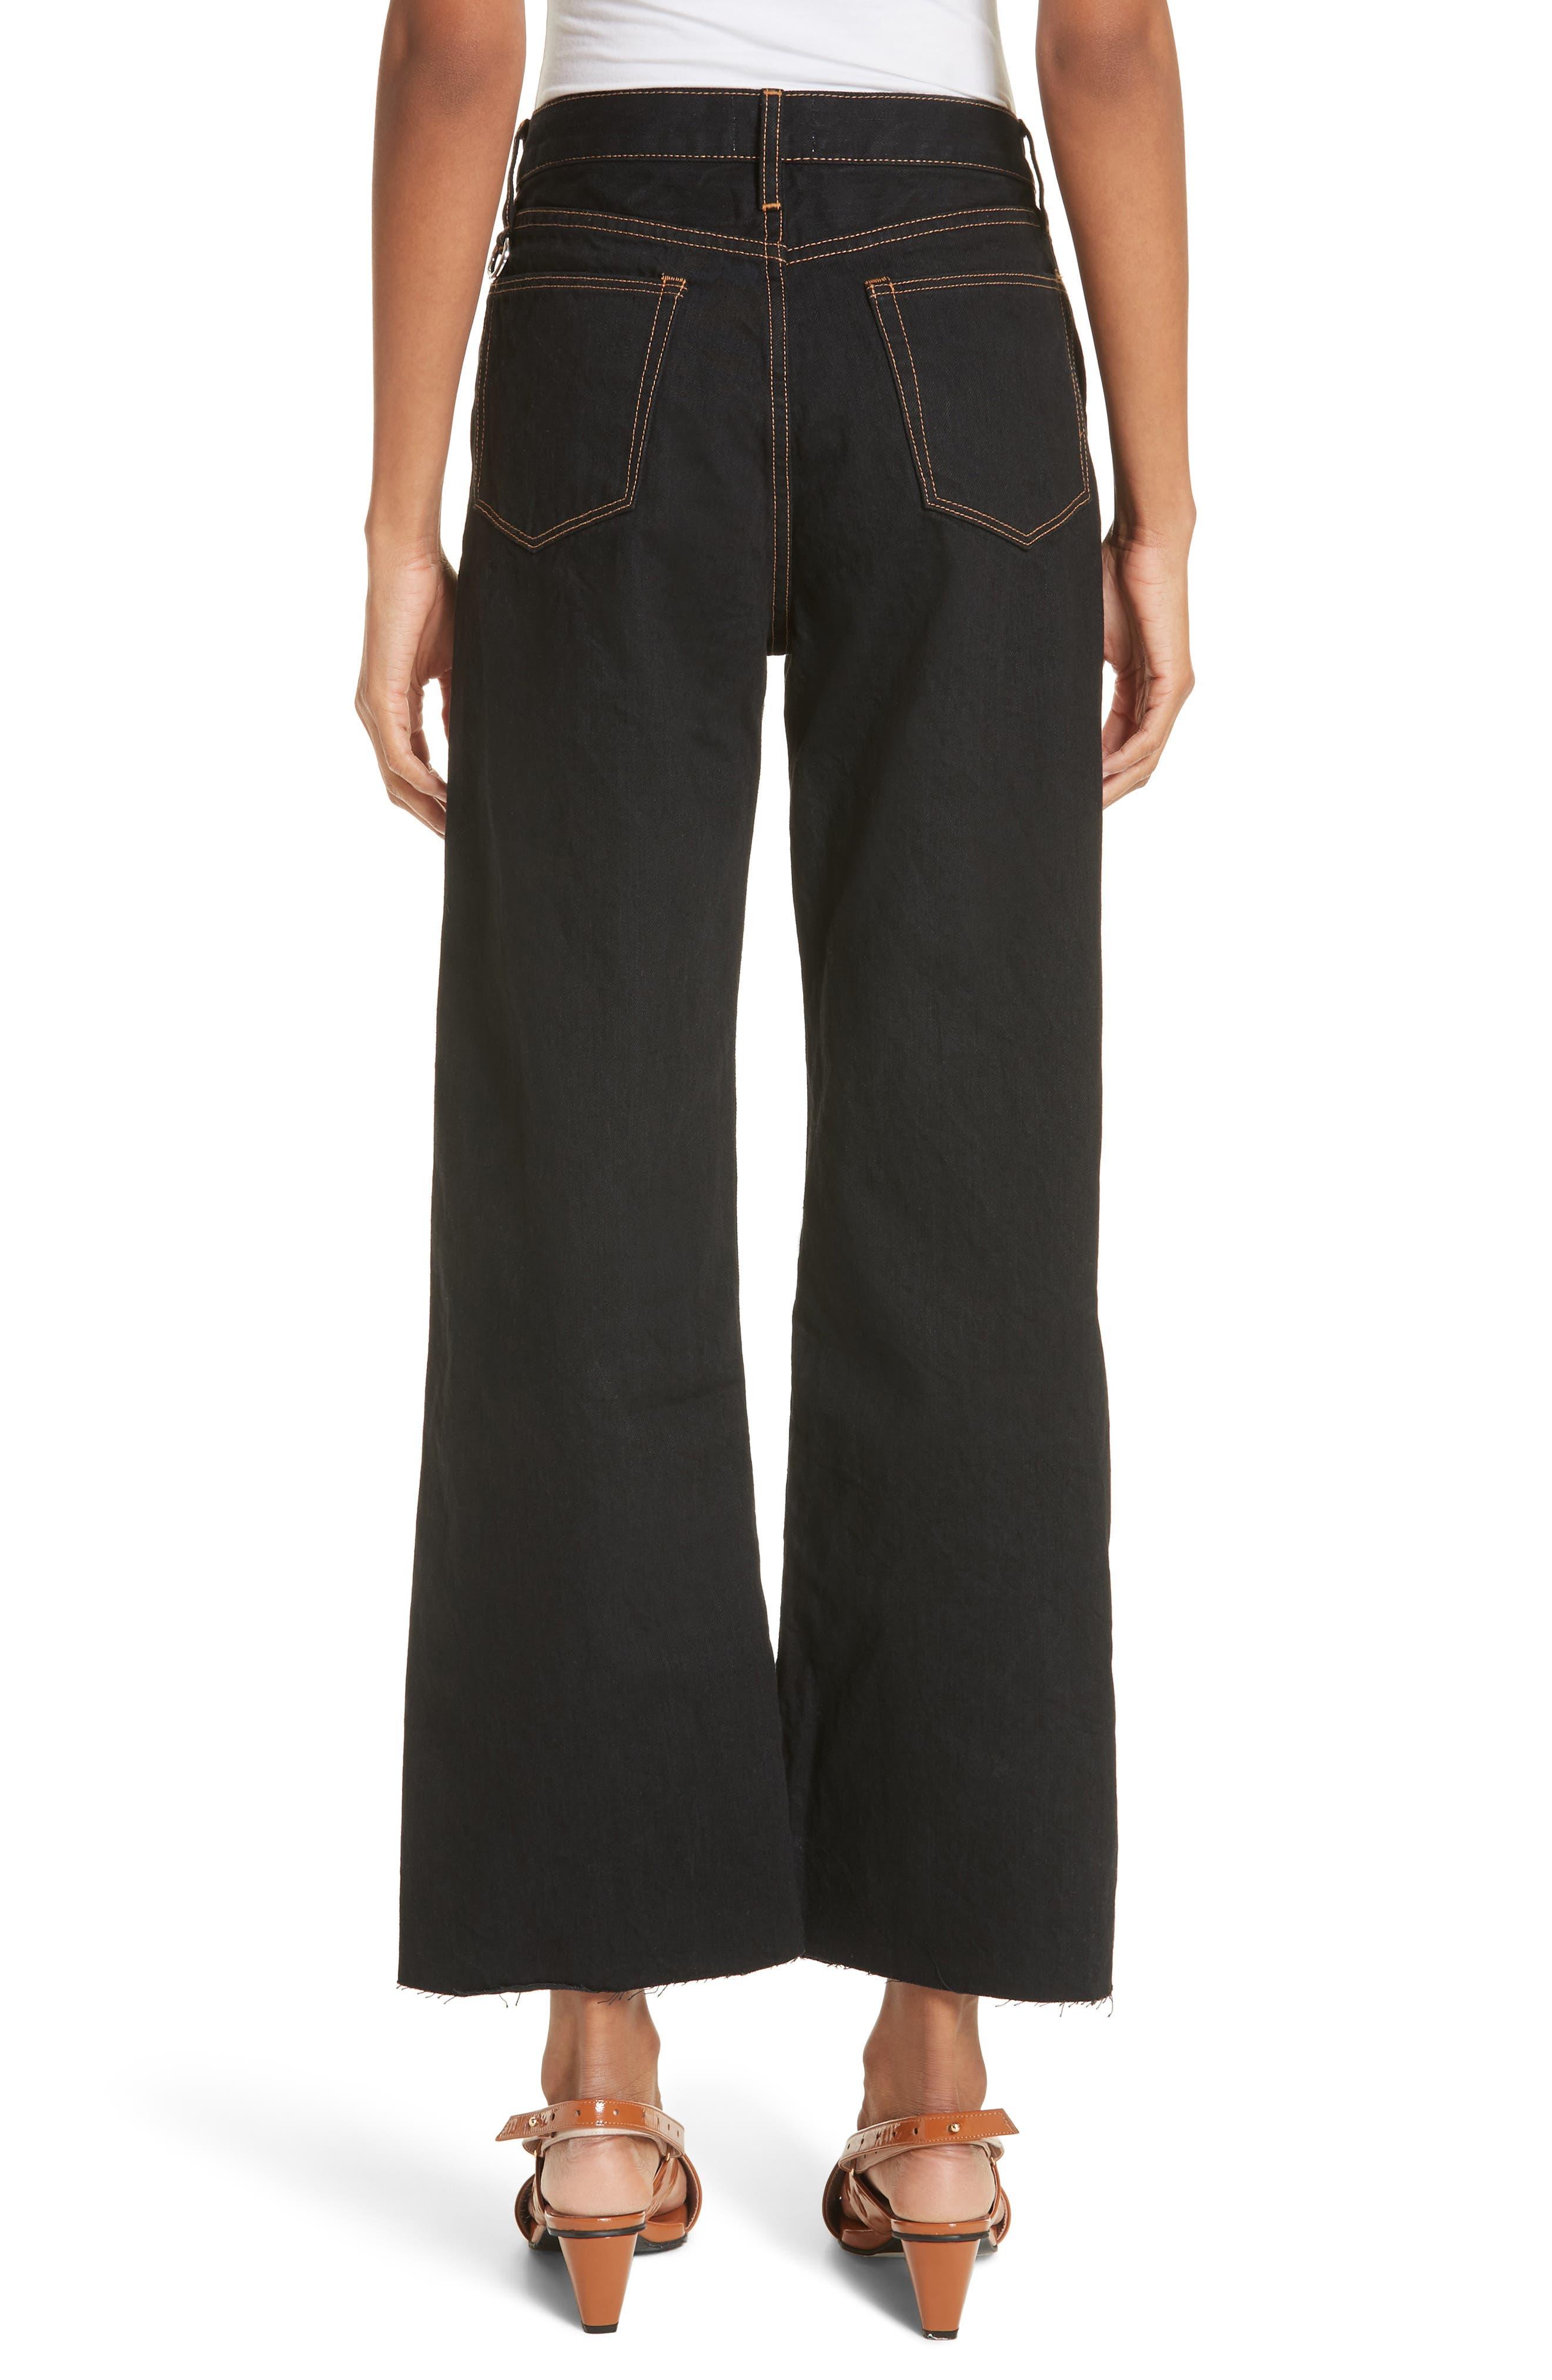 Dever Contrast Stitch Wide Leg Jeans,                             Alternate thumbnail 2, color,